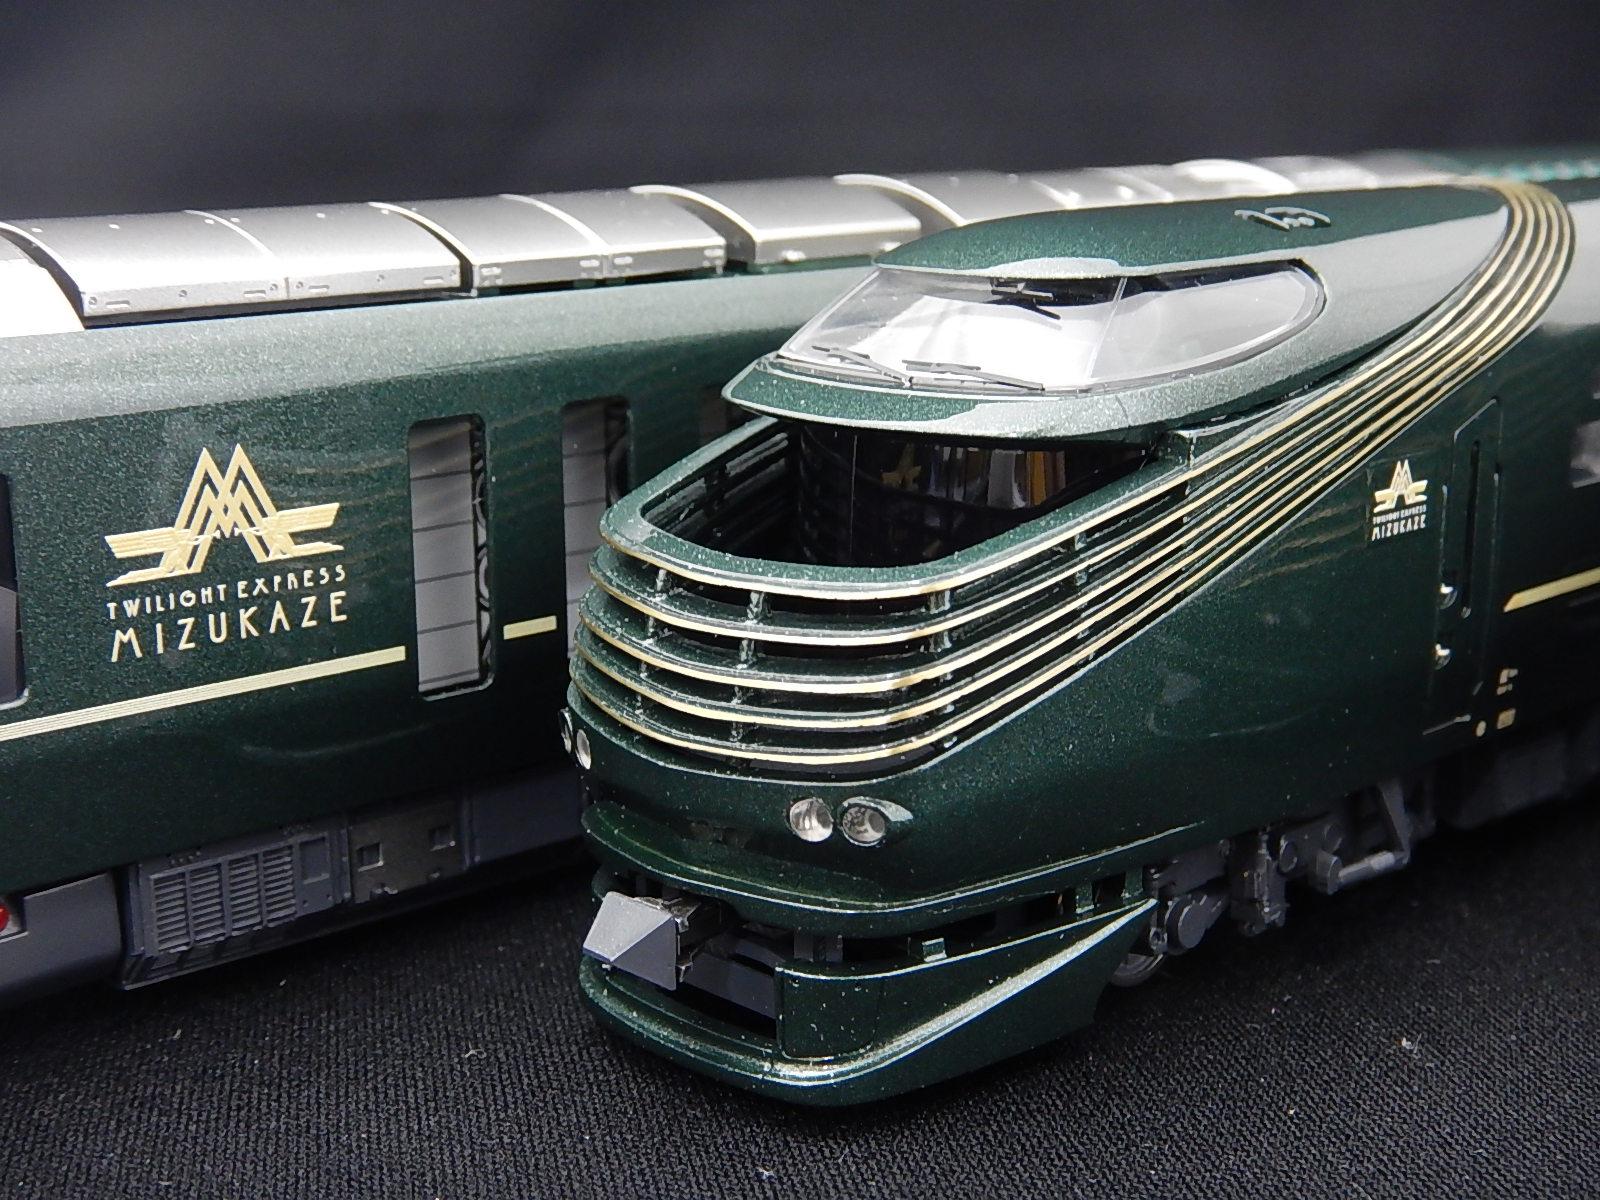 87系寝台気動車 Twilight Express 瑞風 10両セット